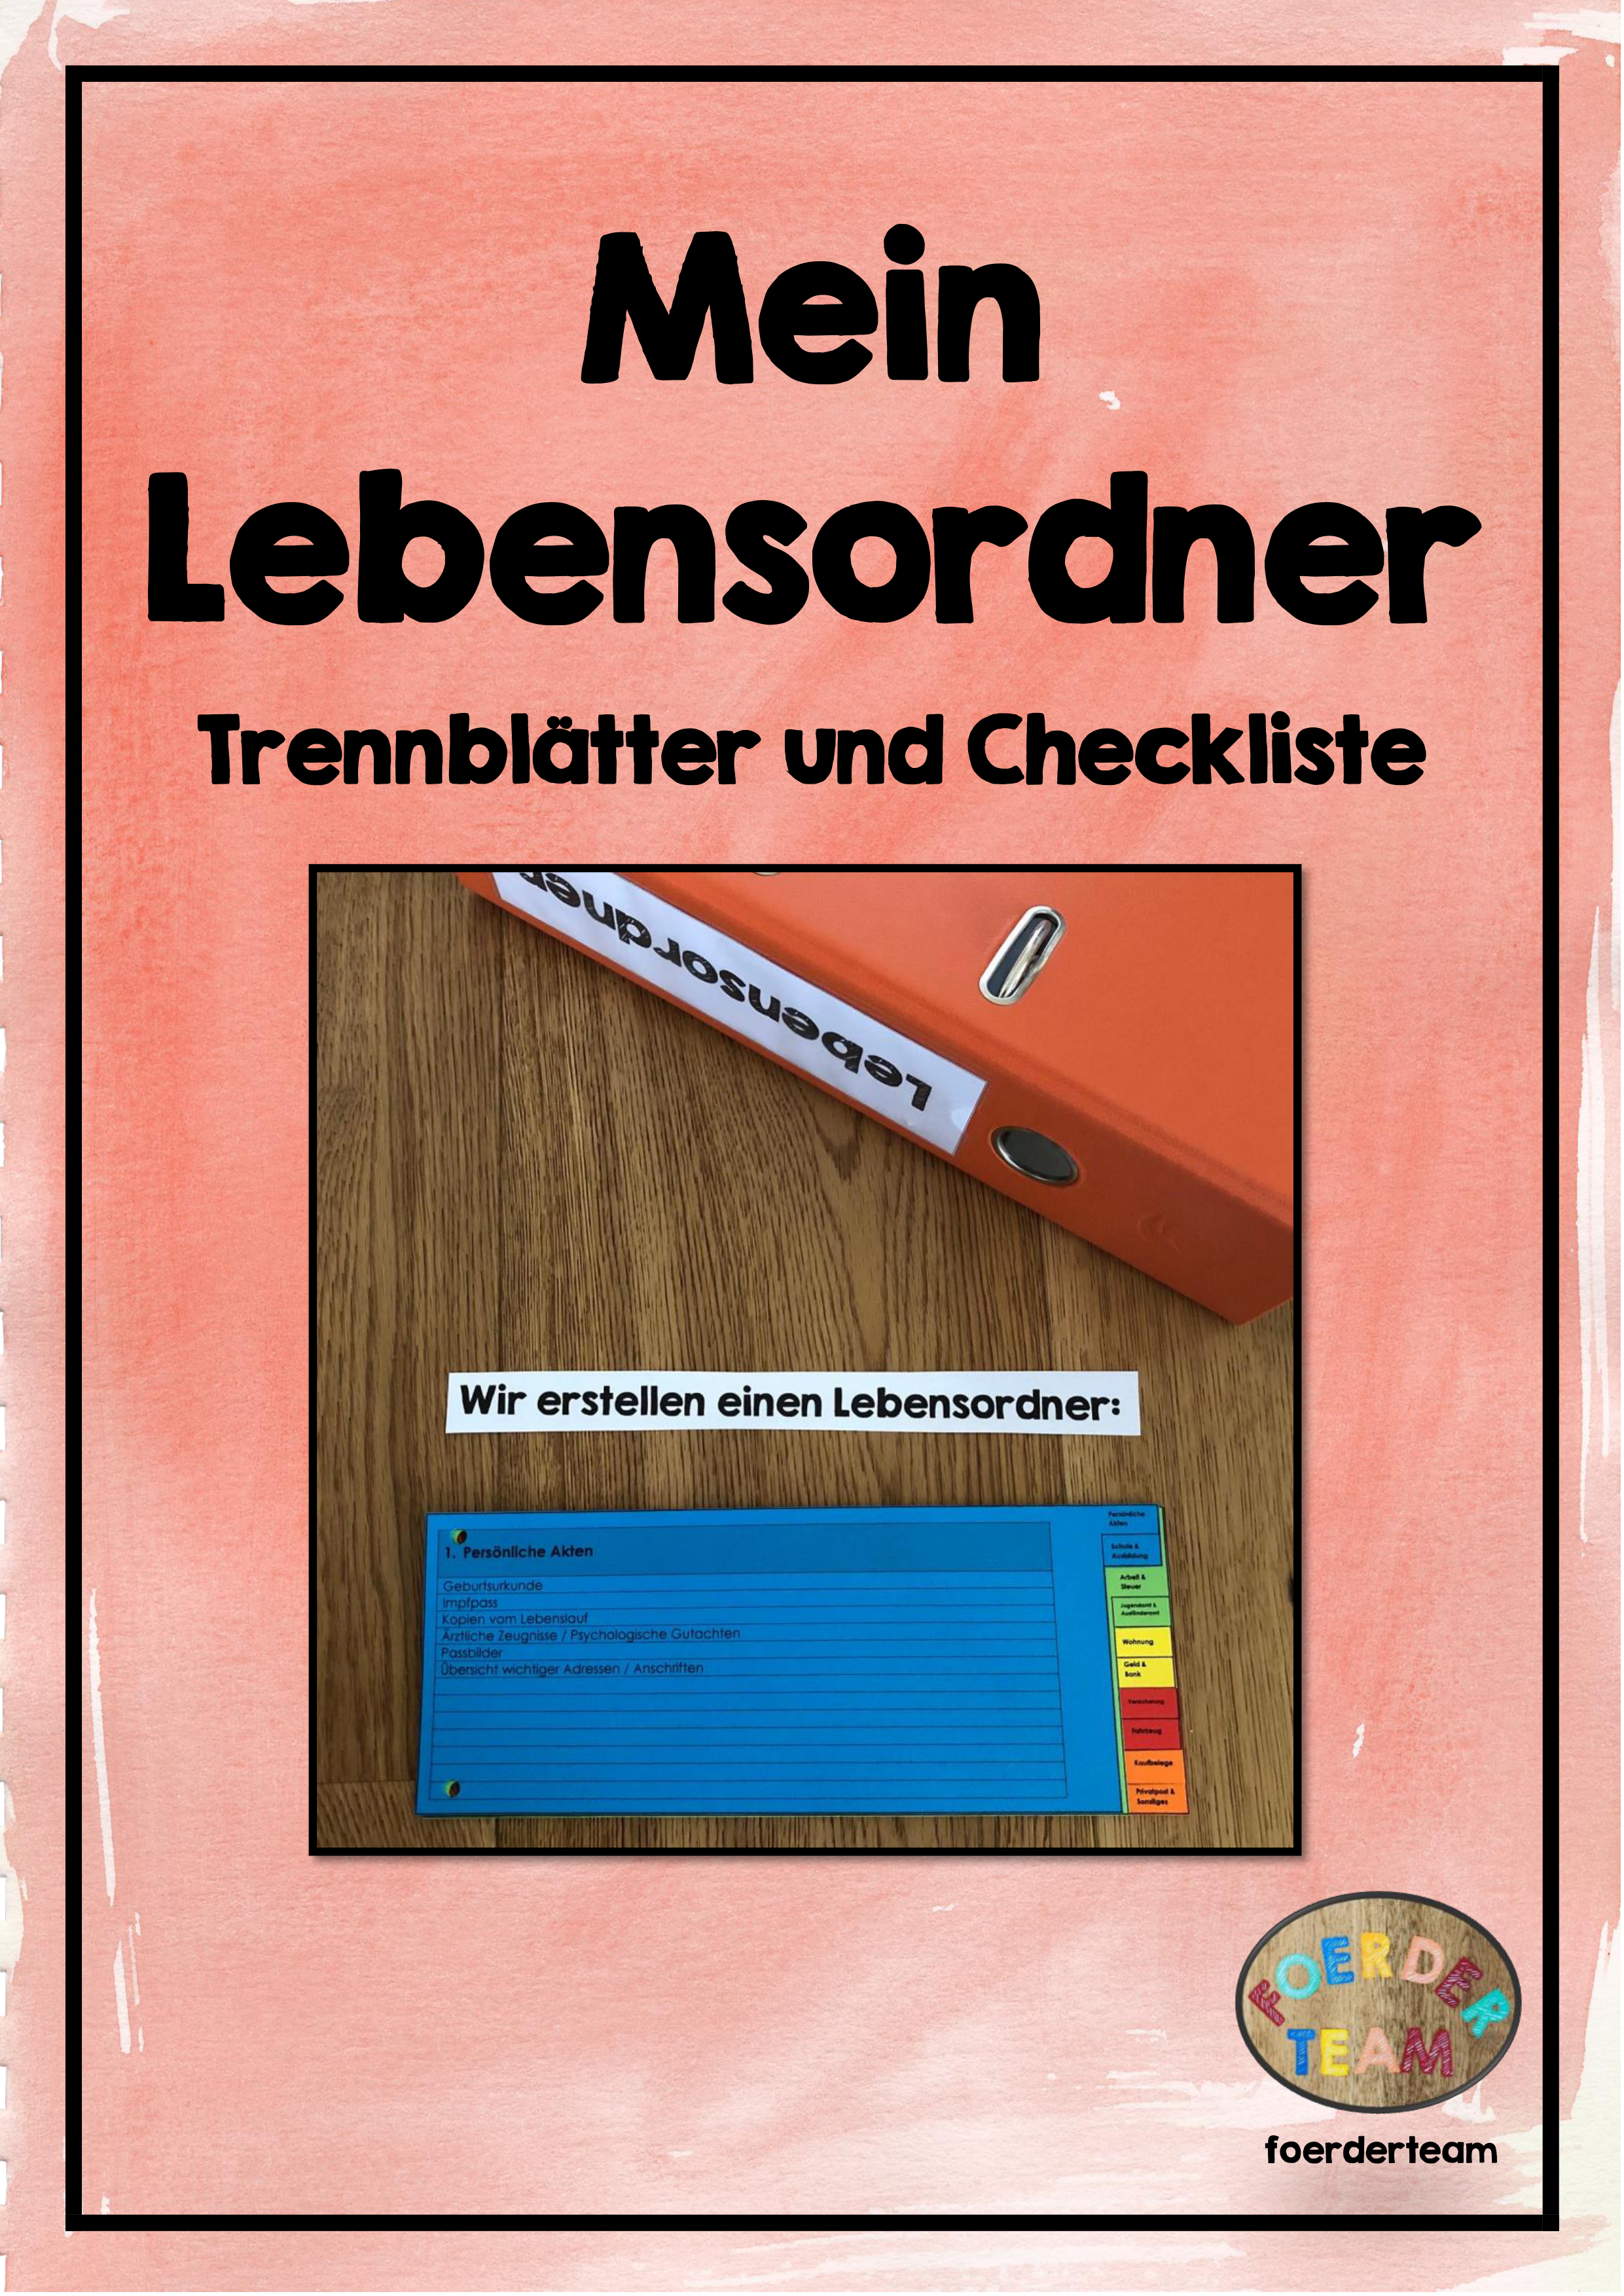 Mein Lebensordner Trennblatter Und Checkliste Unterrichtsmaterial In Den Fachern Arbeitslehre Fachubergreifendes Ordner Checkliste Leben